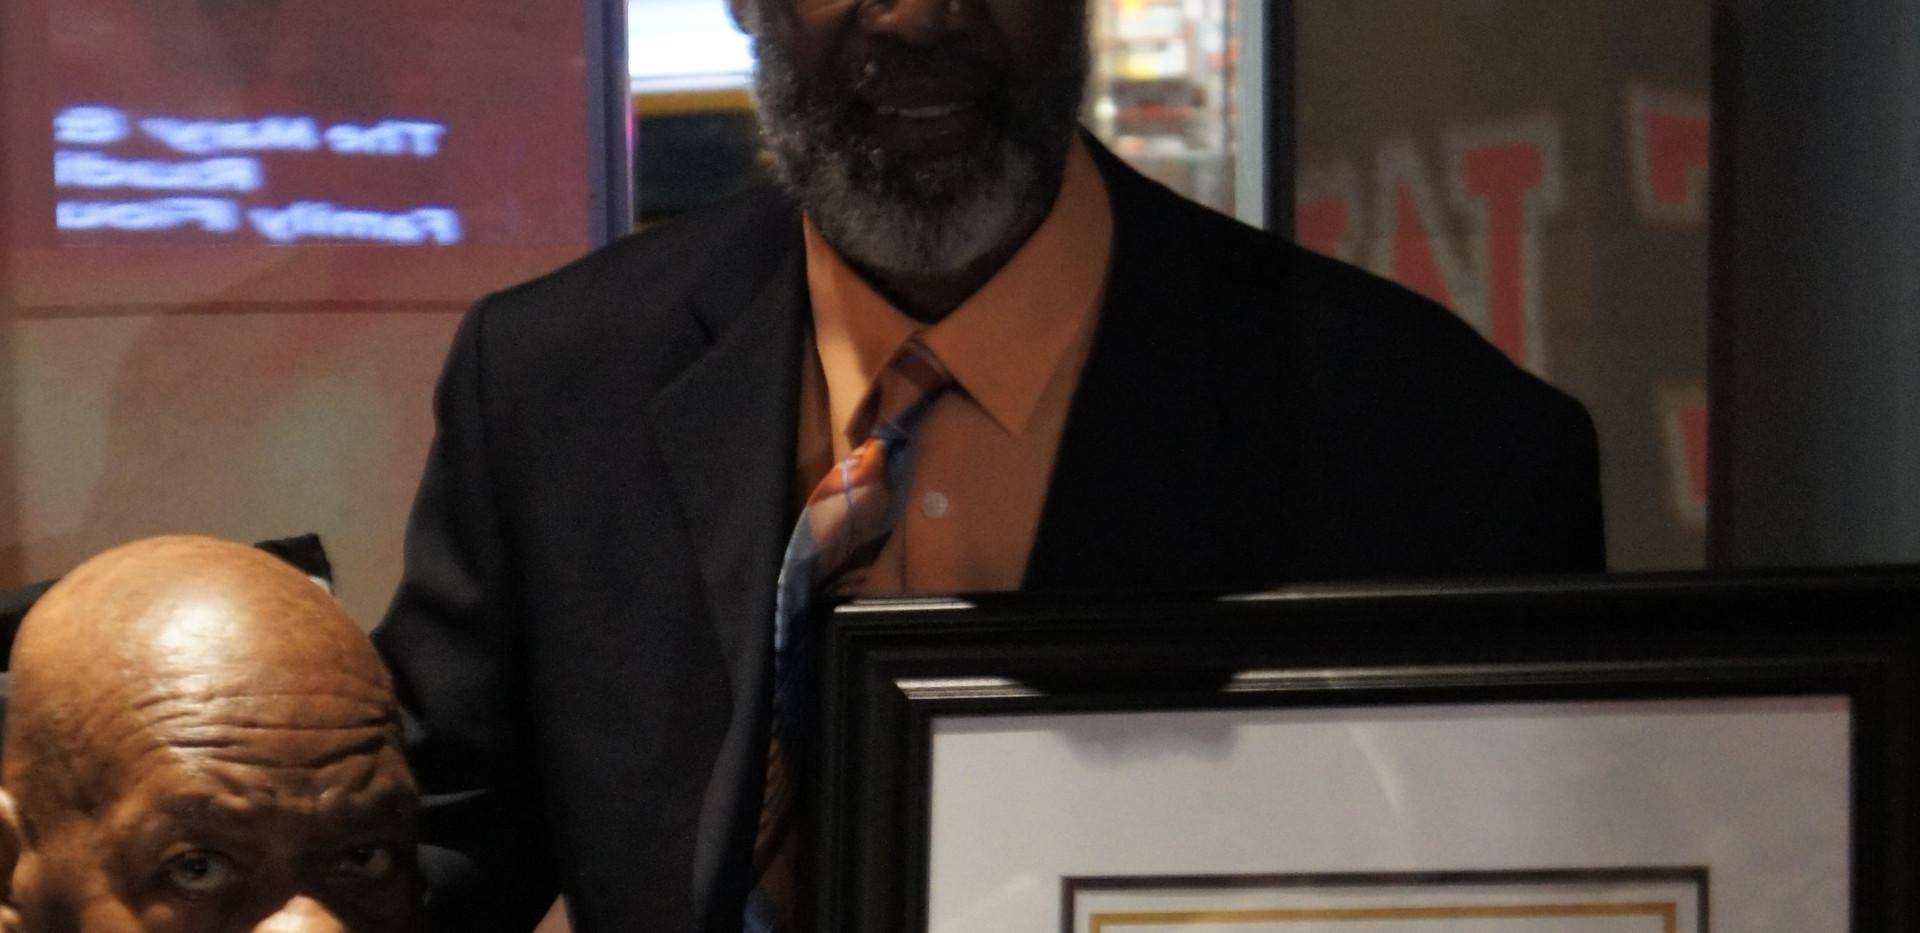 Honoree Russel Shuler